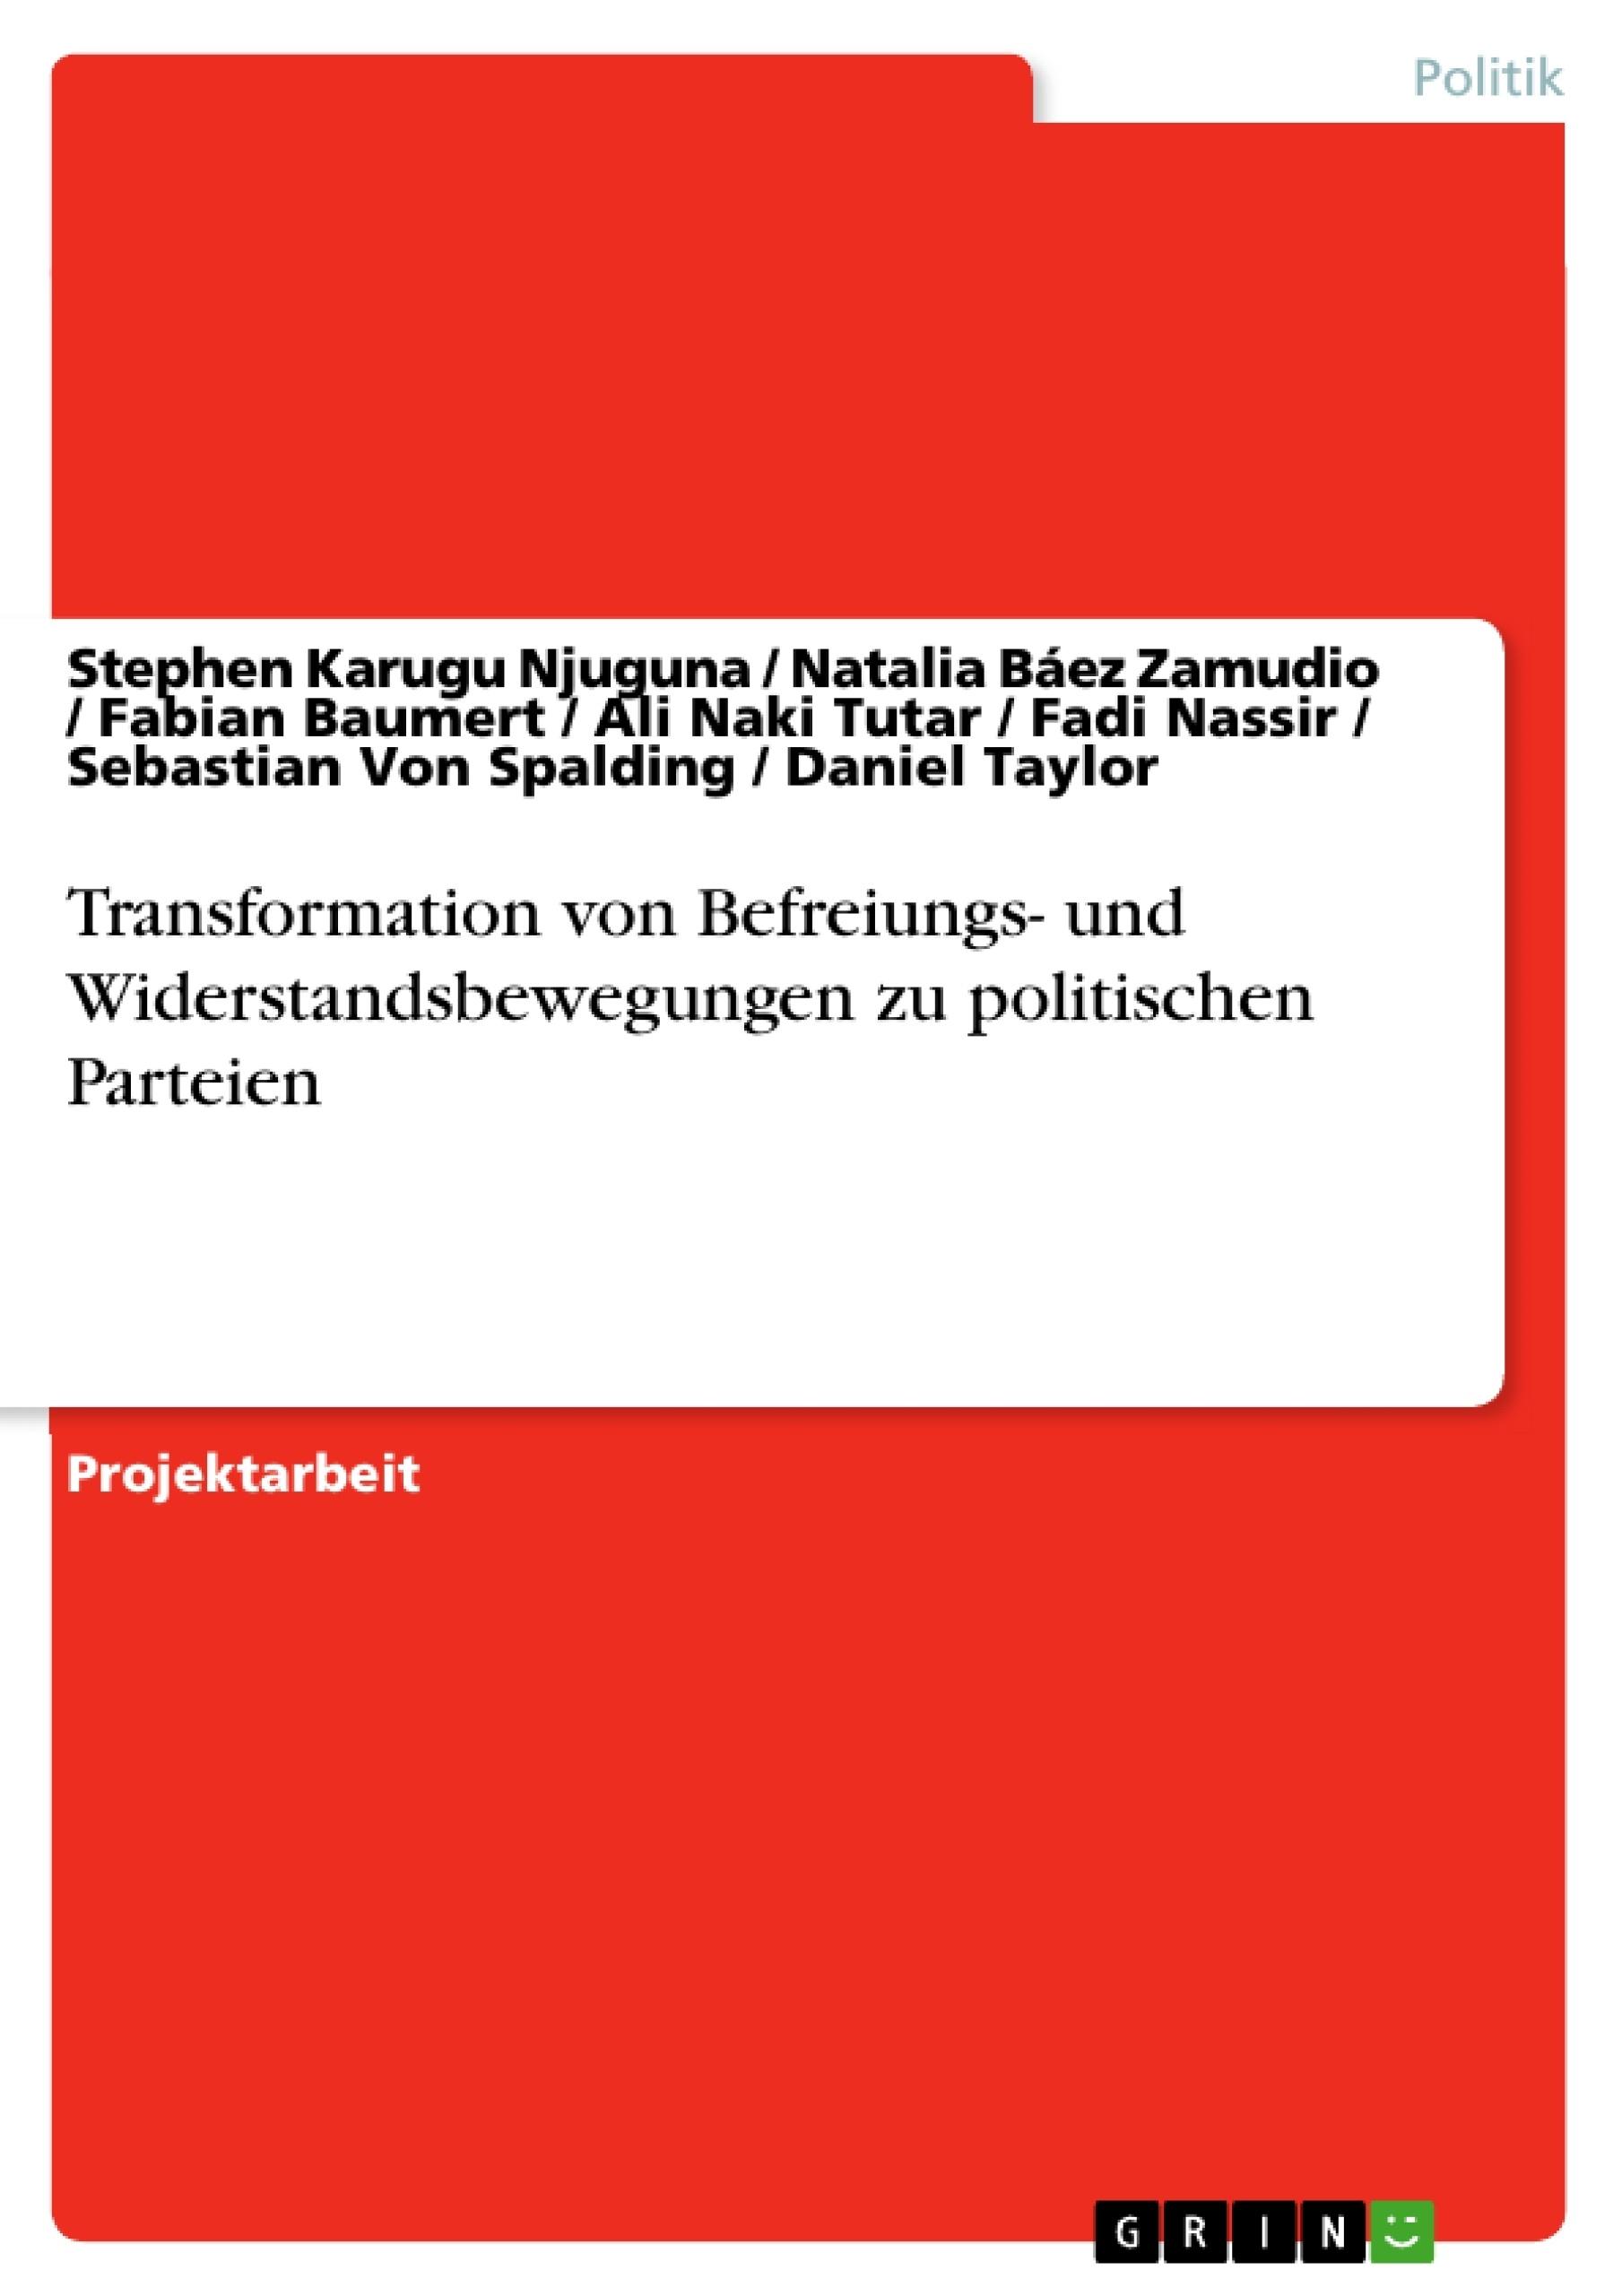 Titel: Transformation von Befreiungs- und Widerstandsbewegungen zu politischen Parteien